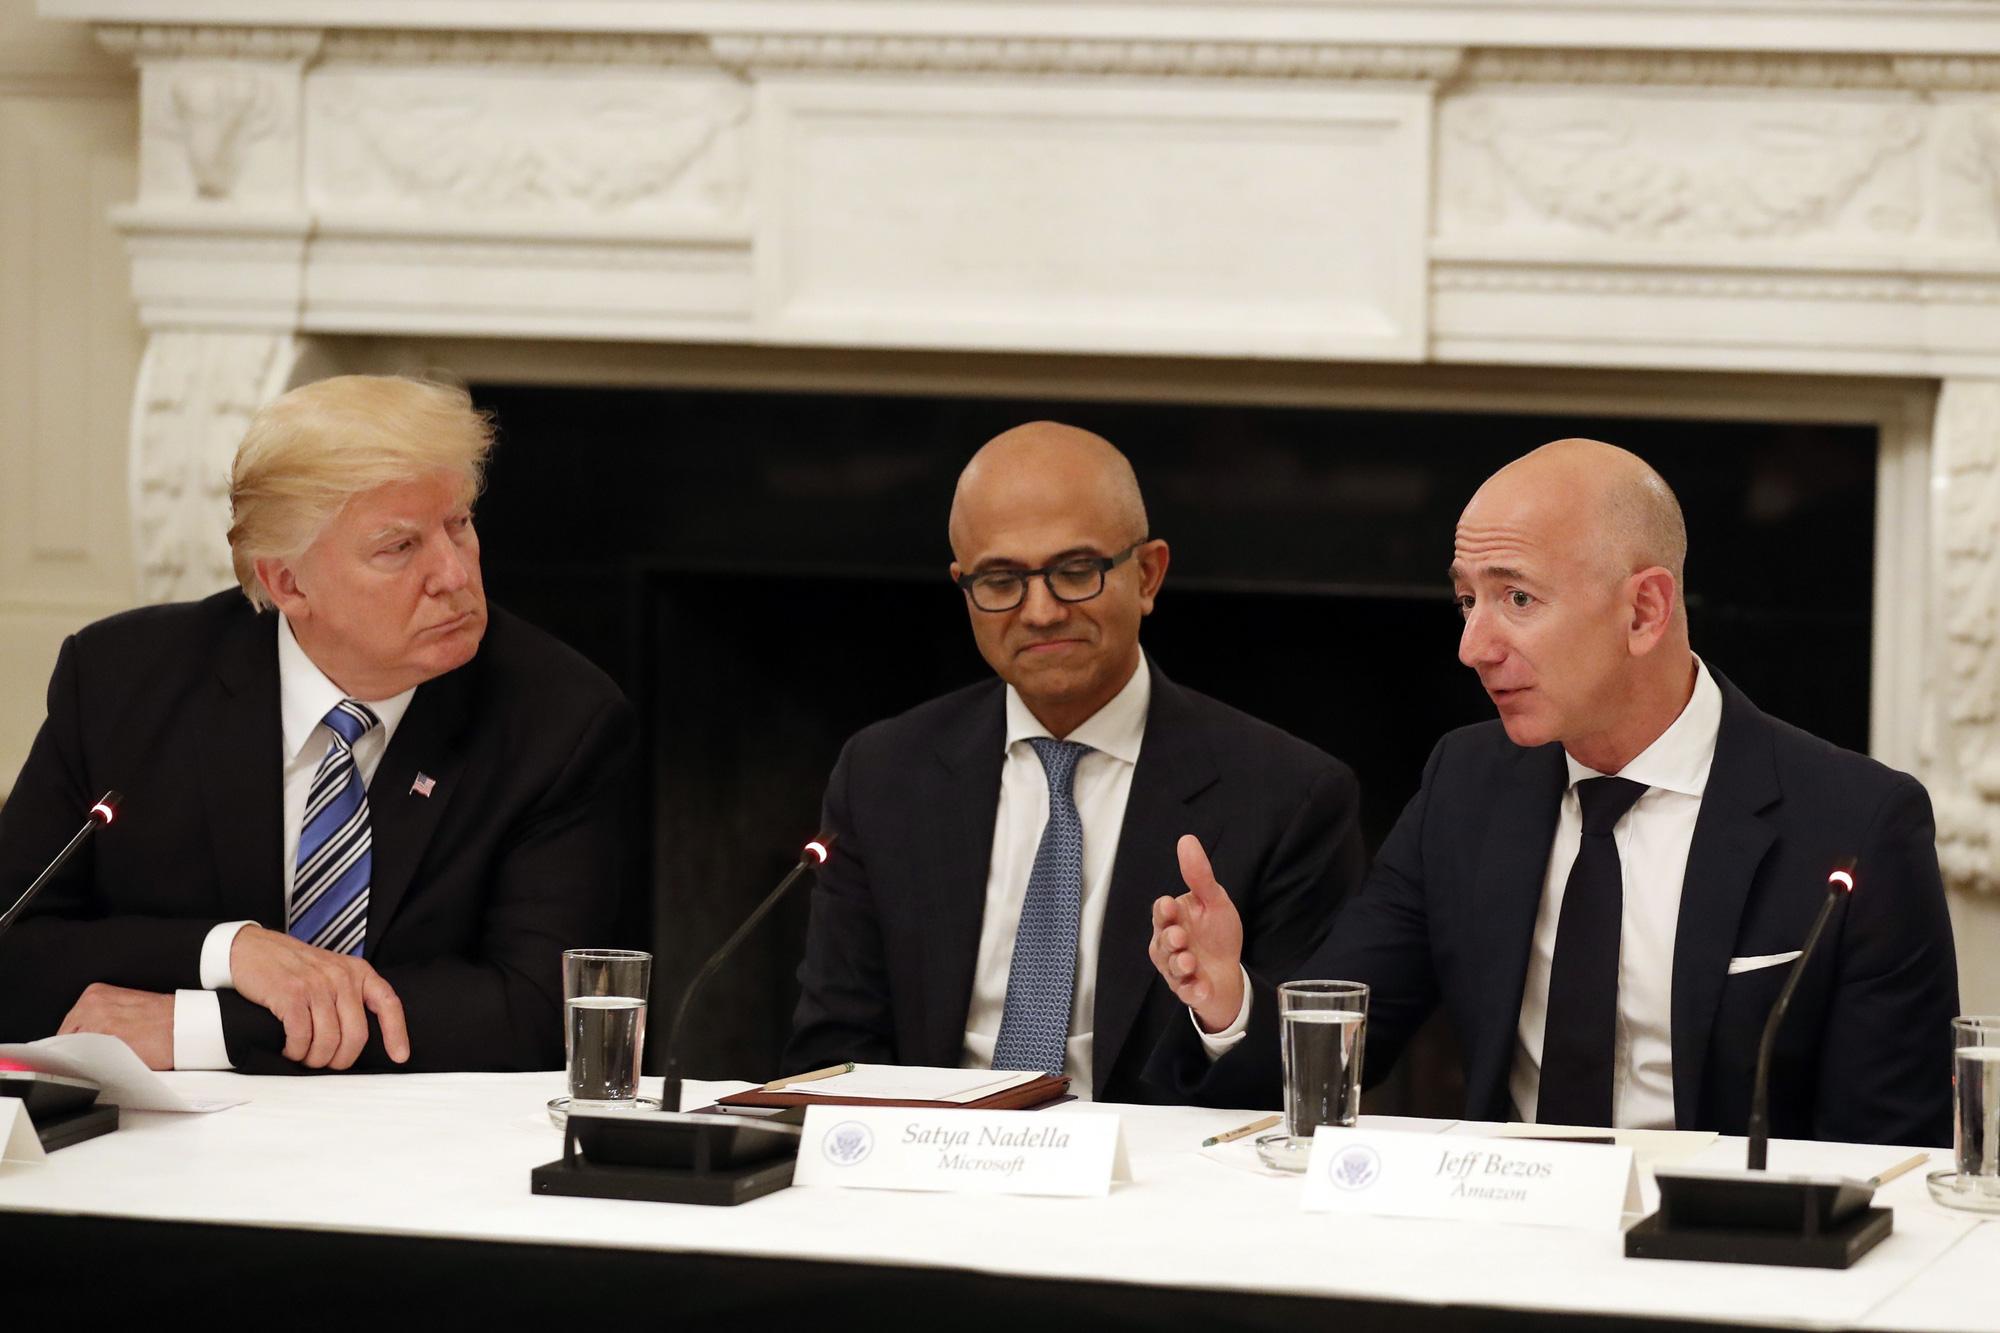 Amazon cáo buộc Bộ Quốc phòng Mỹ cố tình trao dự án 10 tỉ USD cho Microsoft - Ảnh 3.